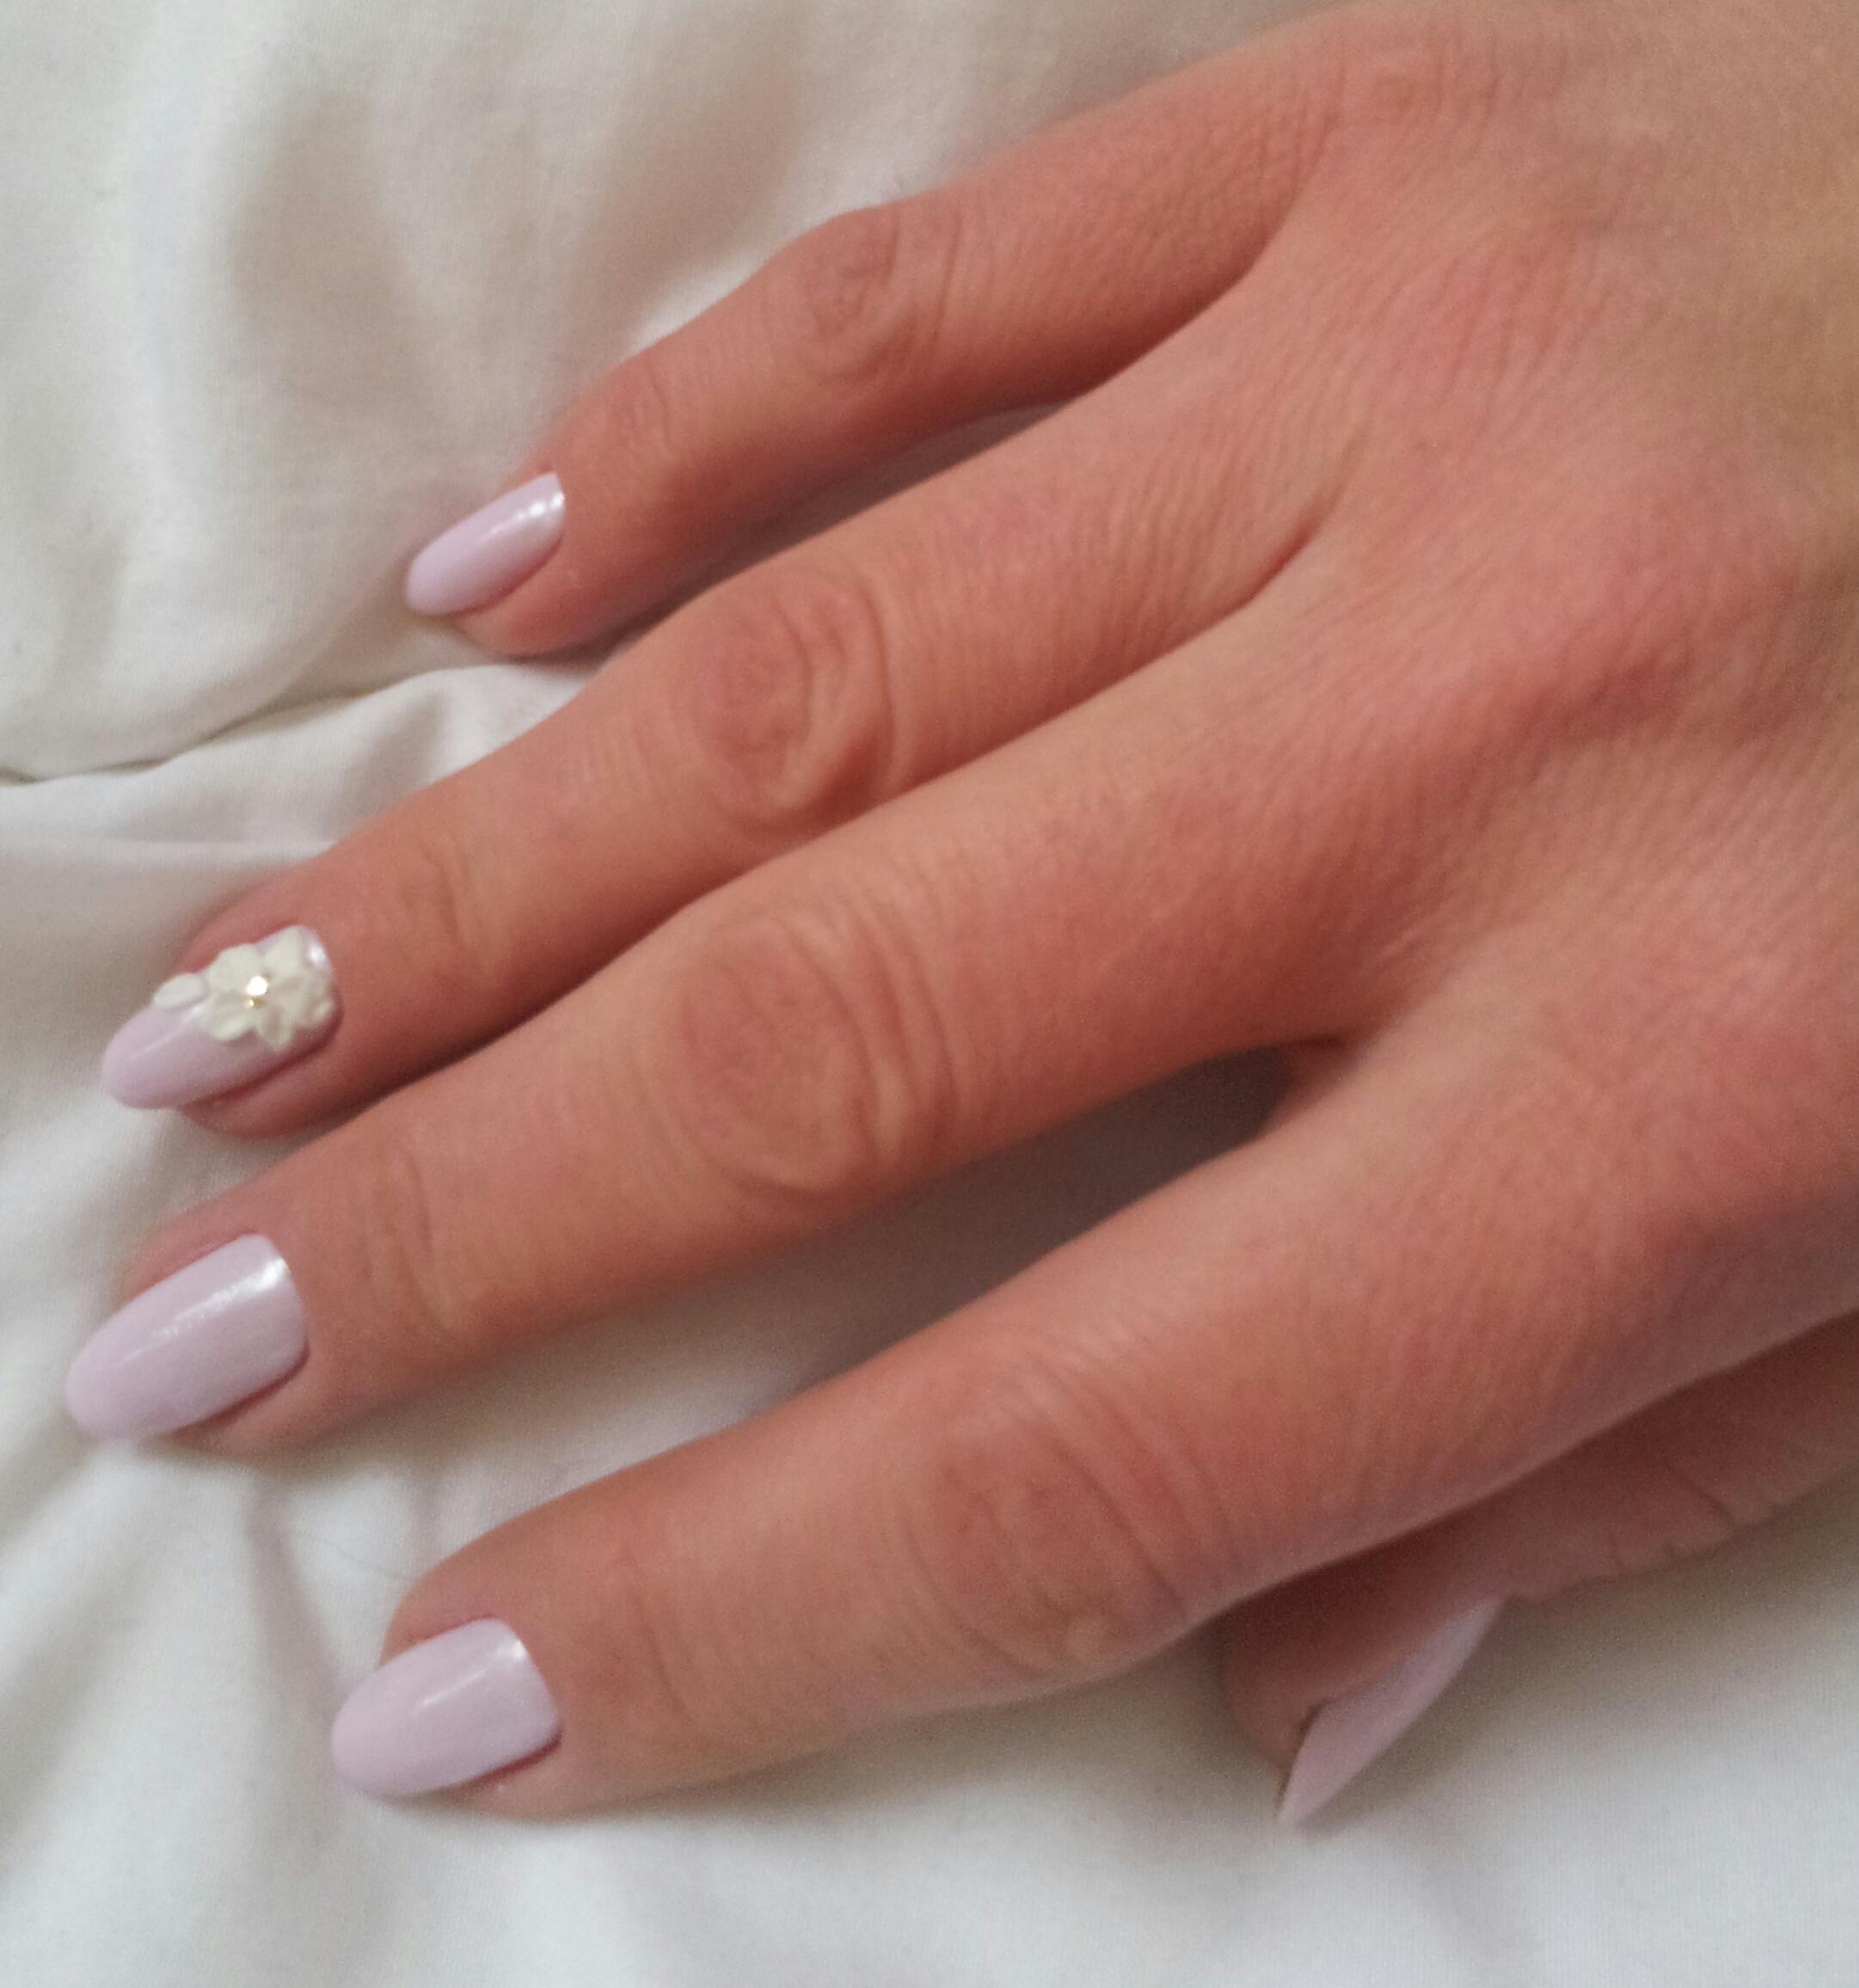 Маникюр с цветочной лепкой в сиреневом цвете на короткие ногти.